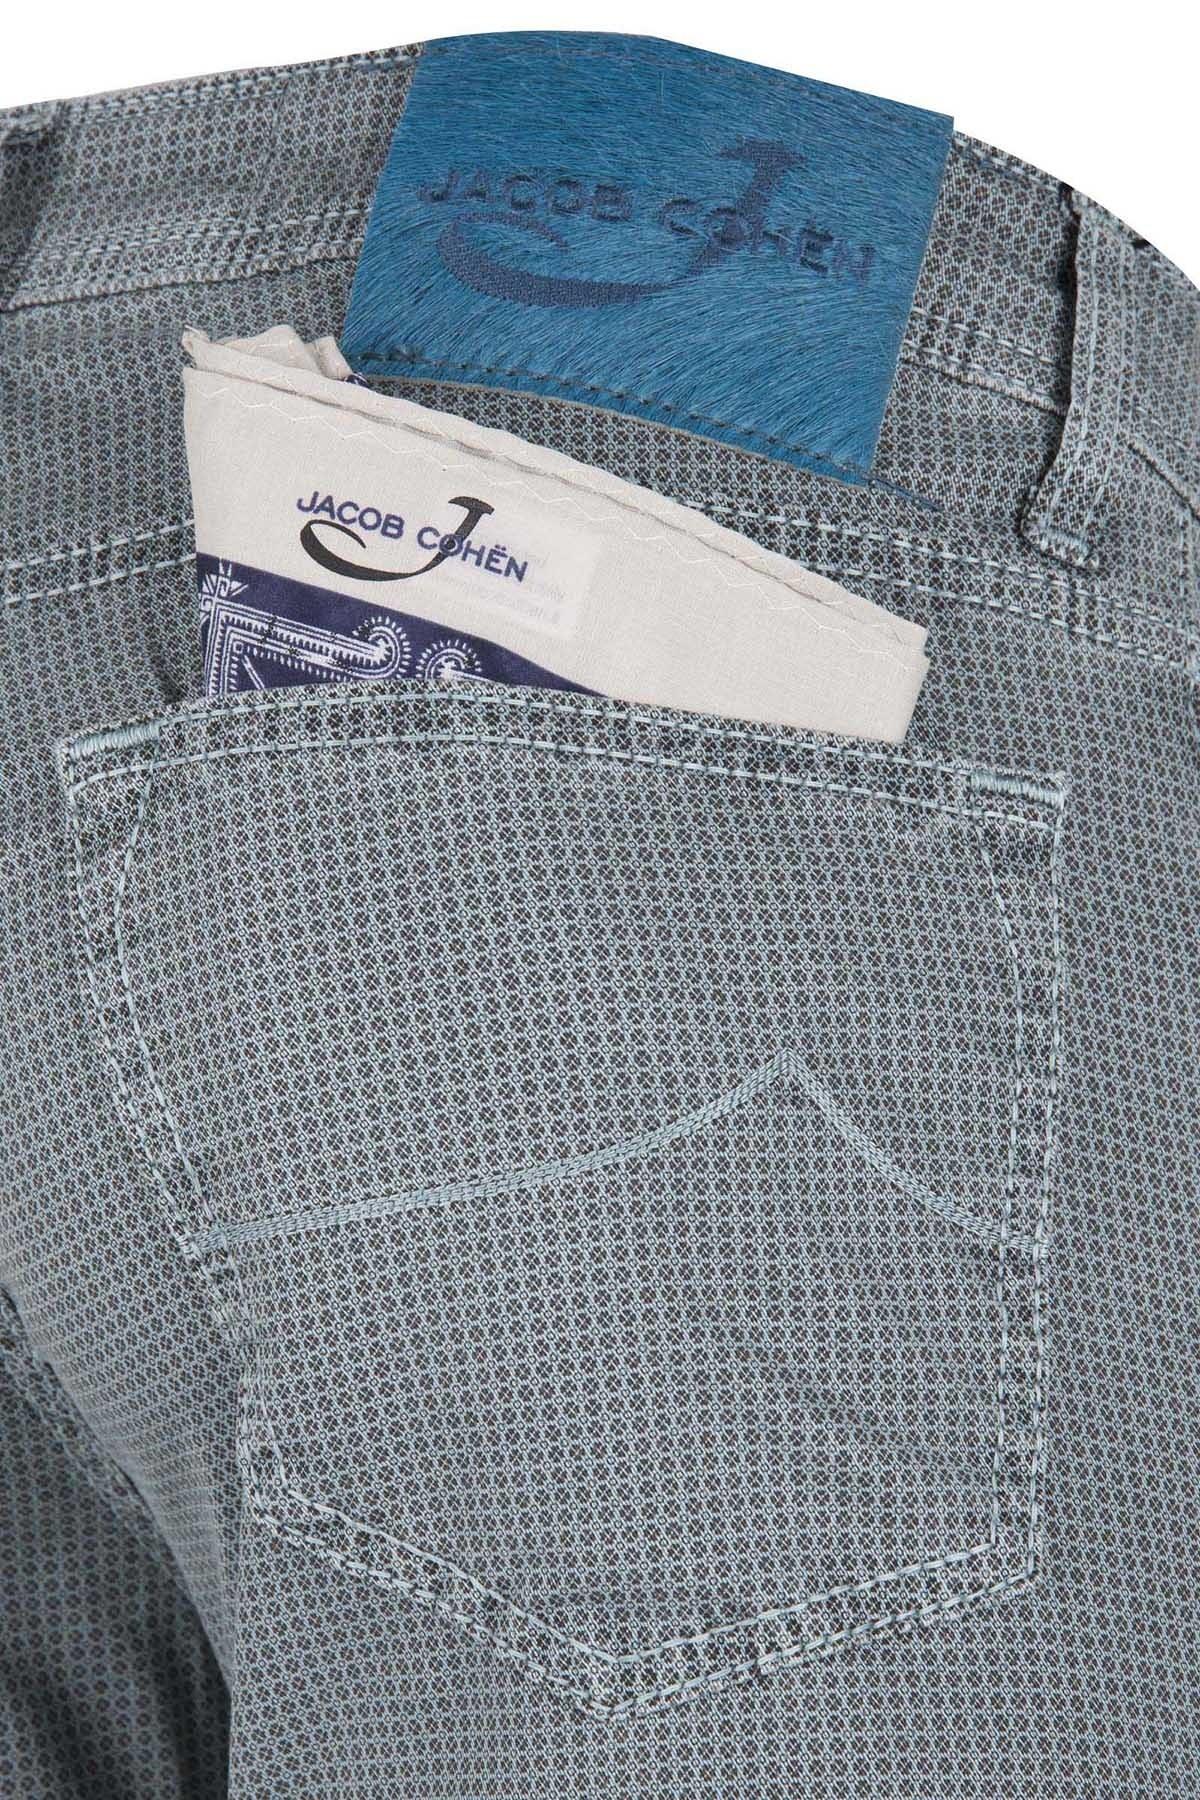 JACOB COHEN JEANS Erkek Pamuklu Pantolon PW622 COMF 01043V 731 YEŞİL